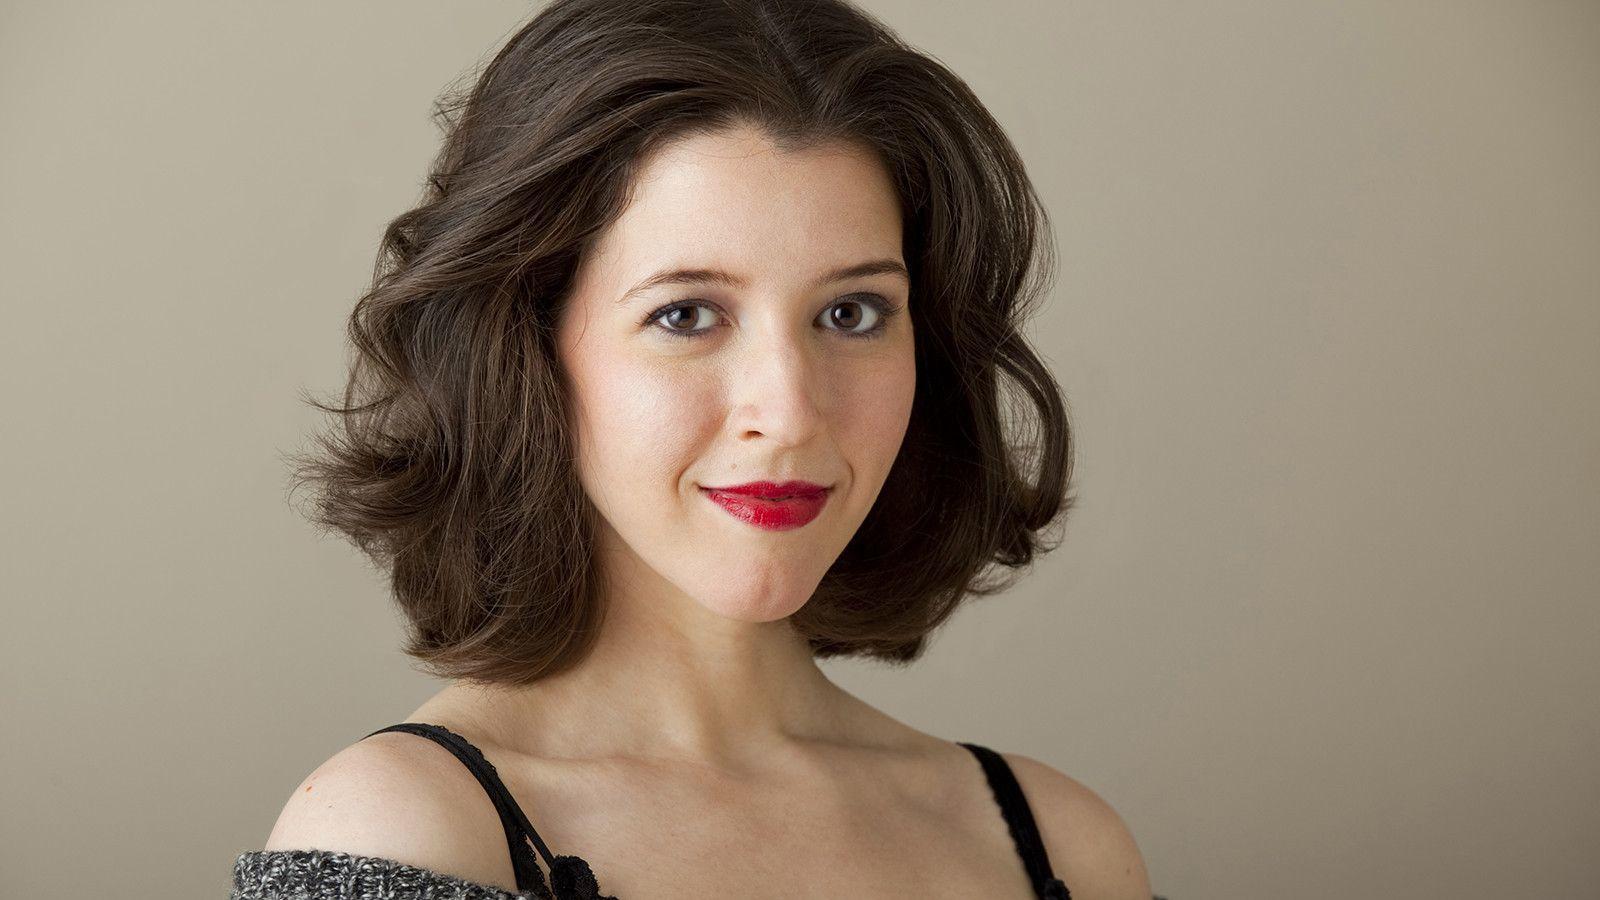 Lisette Oropresa